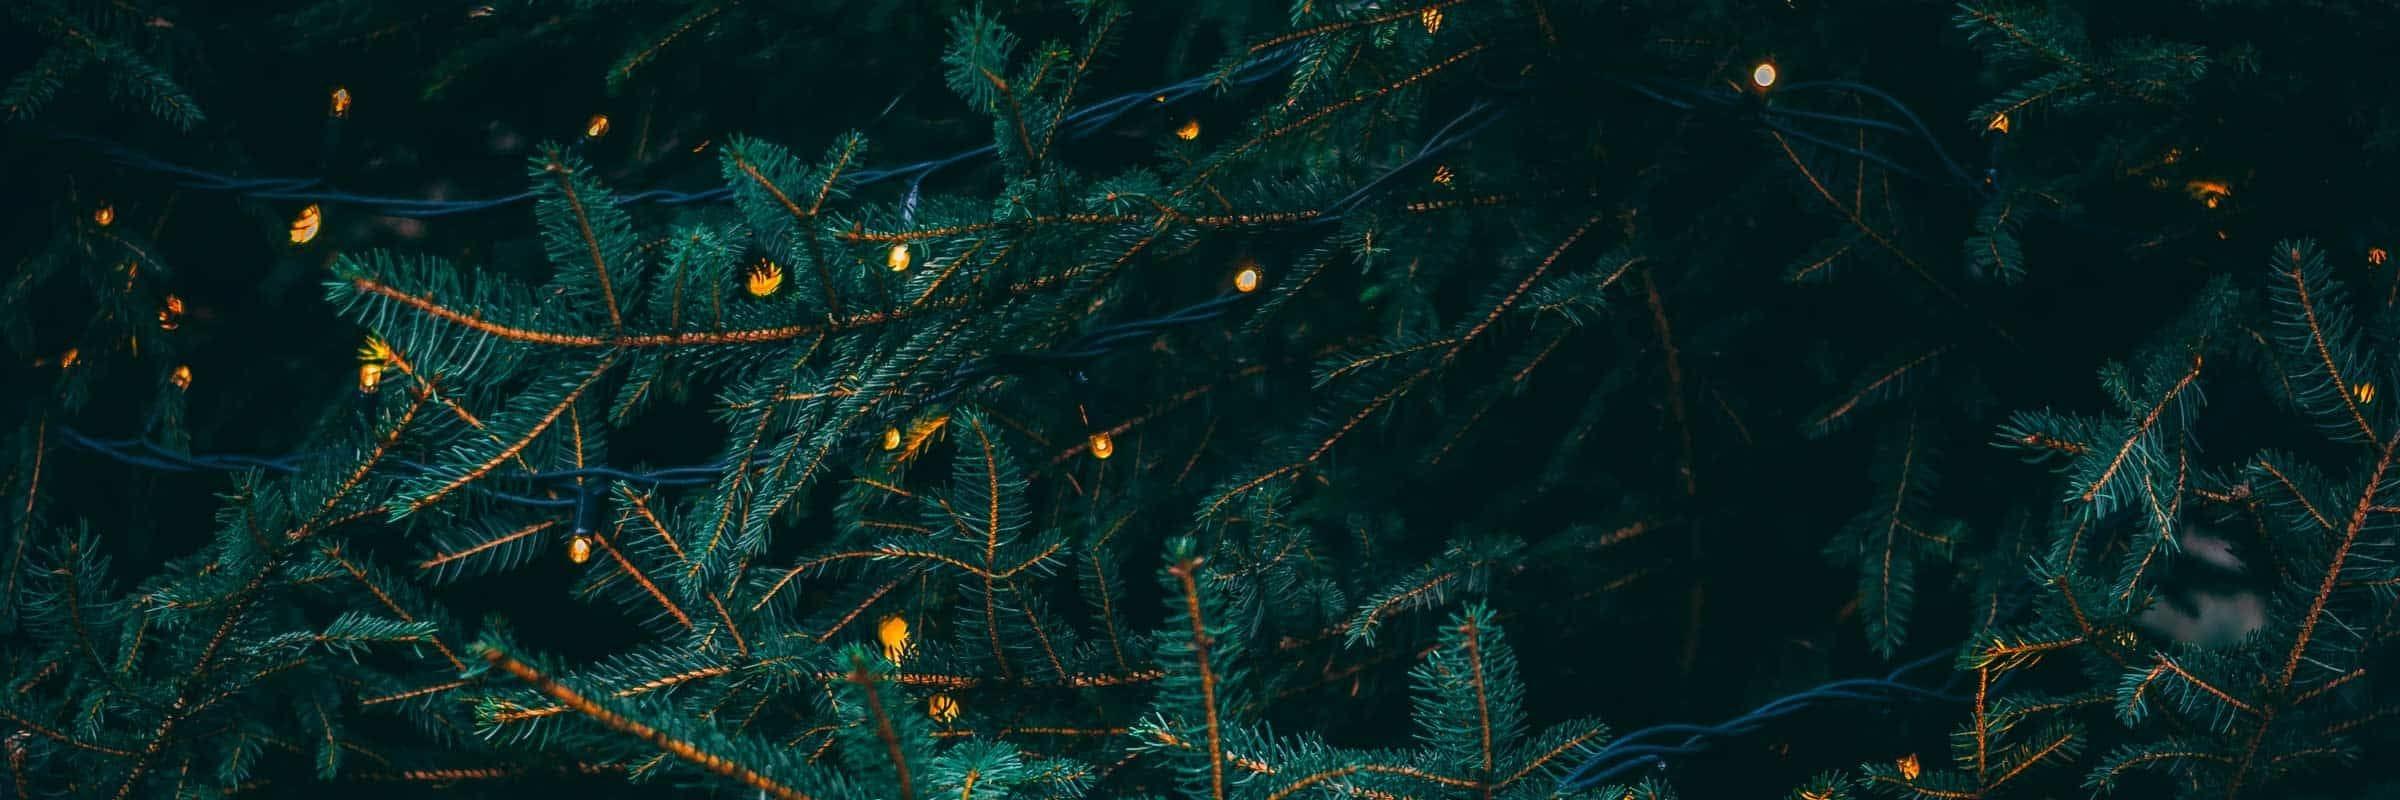 Bas de Noël: idées cadeaux pour lui